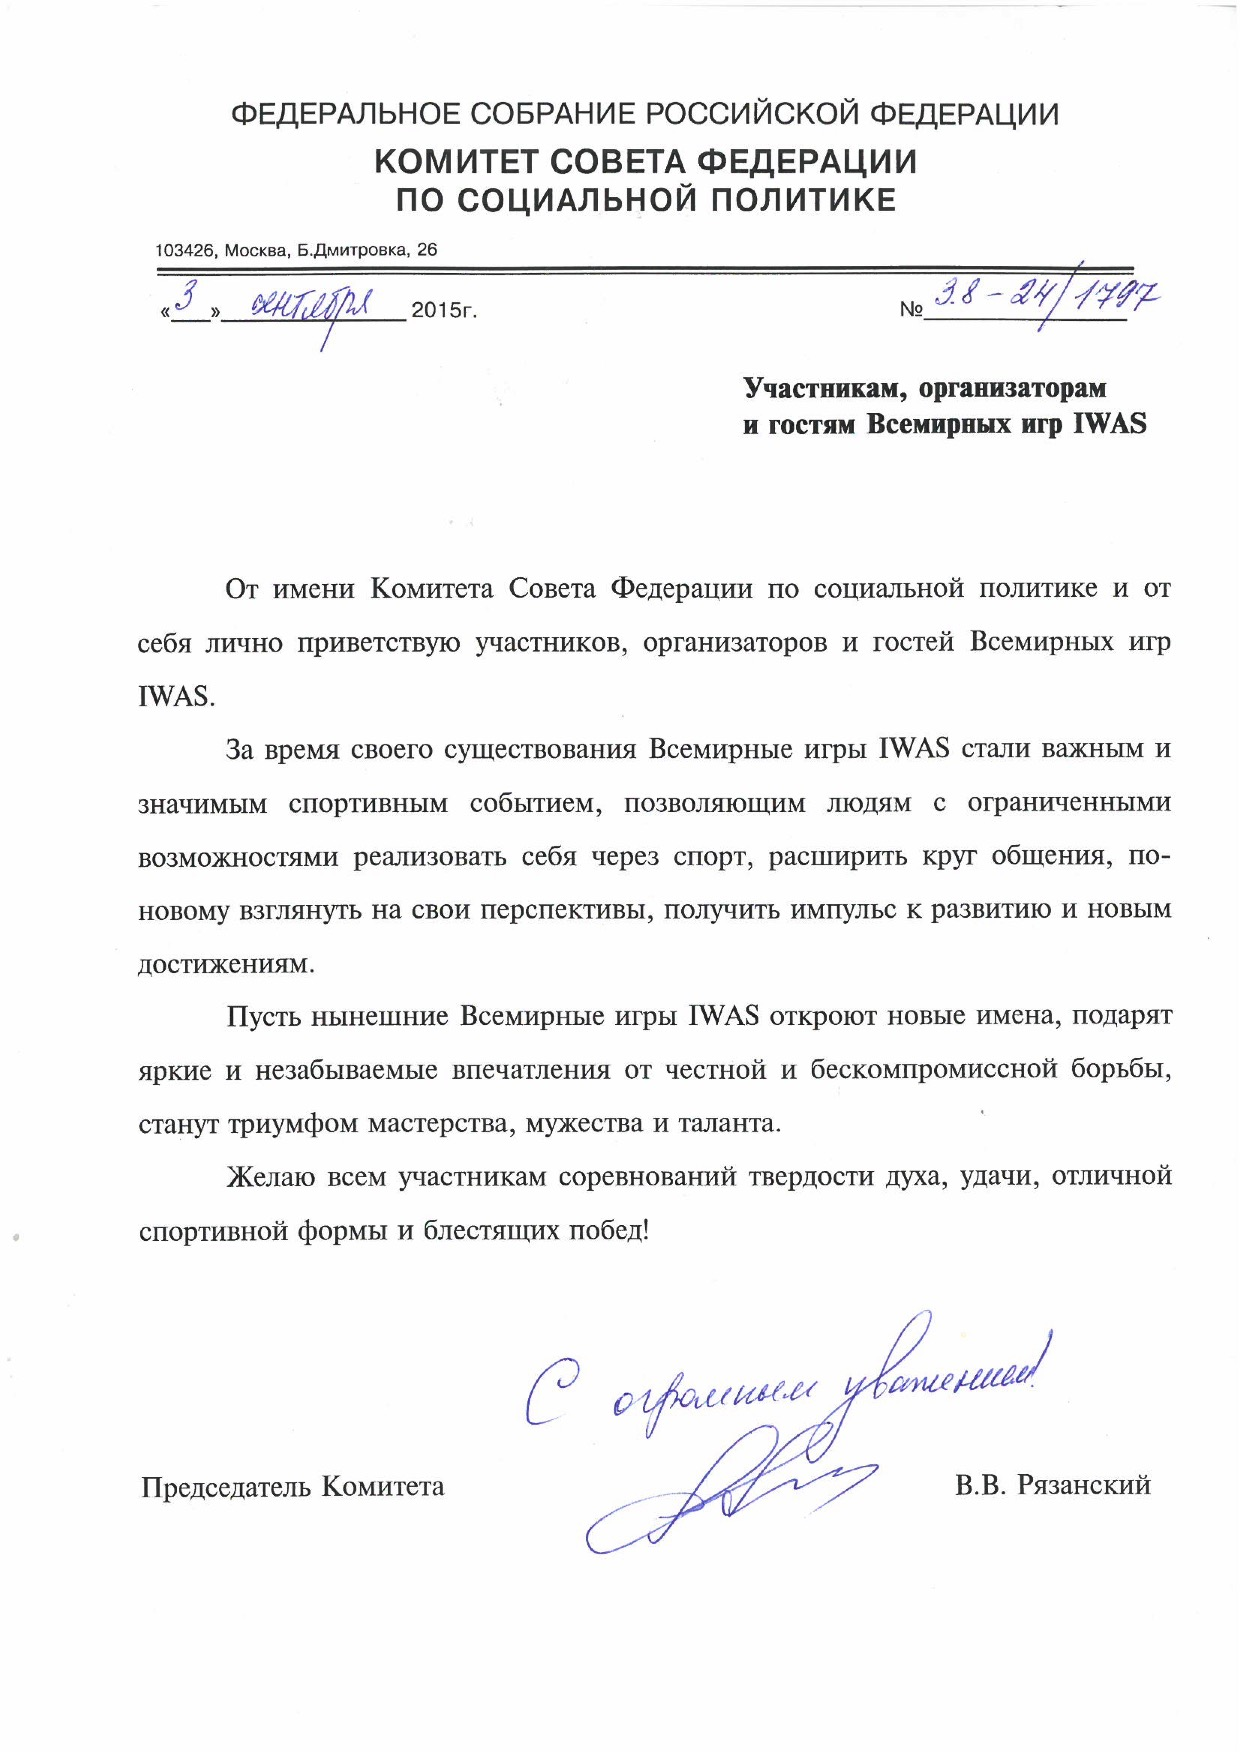 Приветствие участникам Всемирных игр IWAS Председатель Комитета Совета Федерации по социальной политике В.В. Рязанского